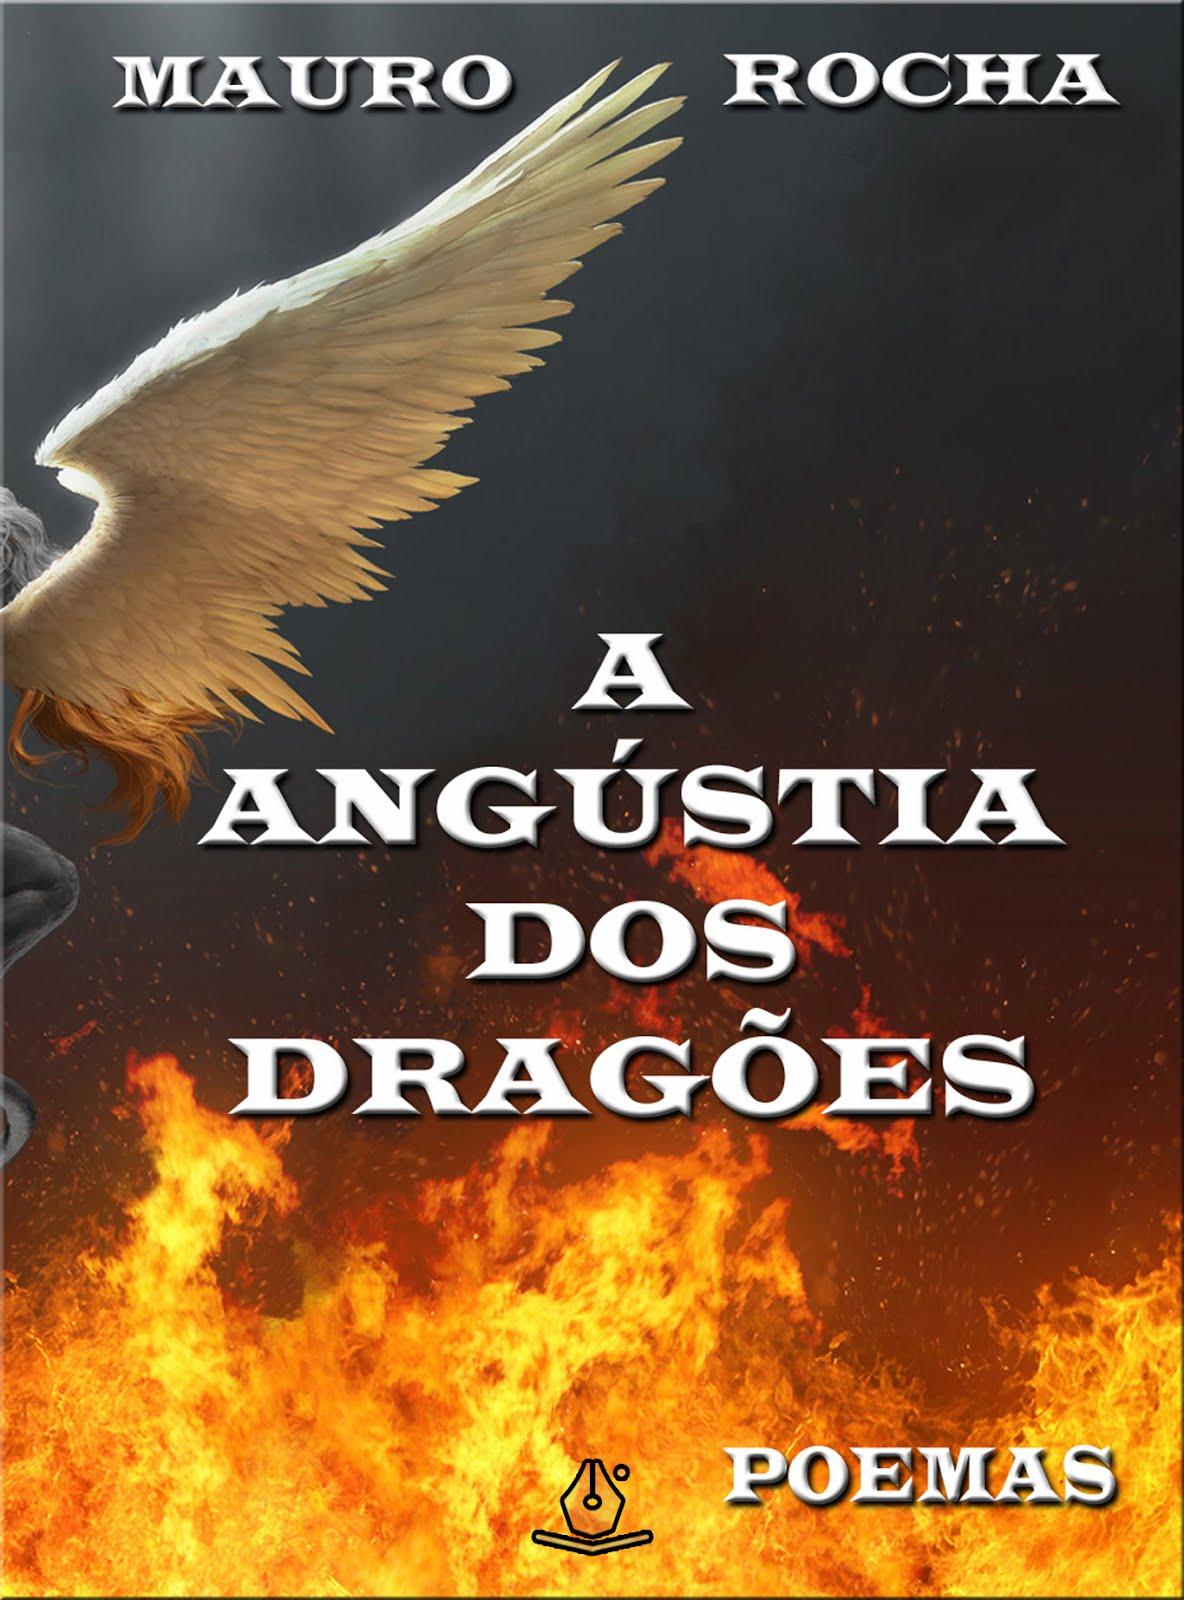 A Angústia dos Dragões